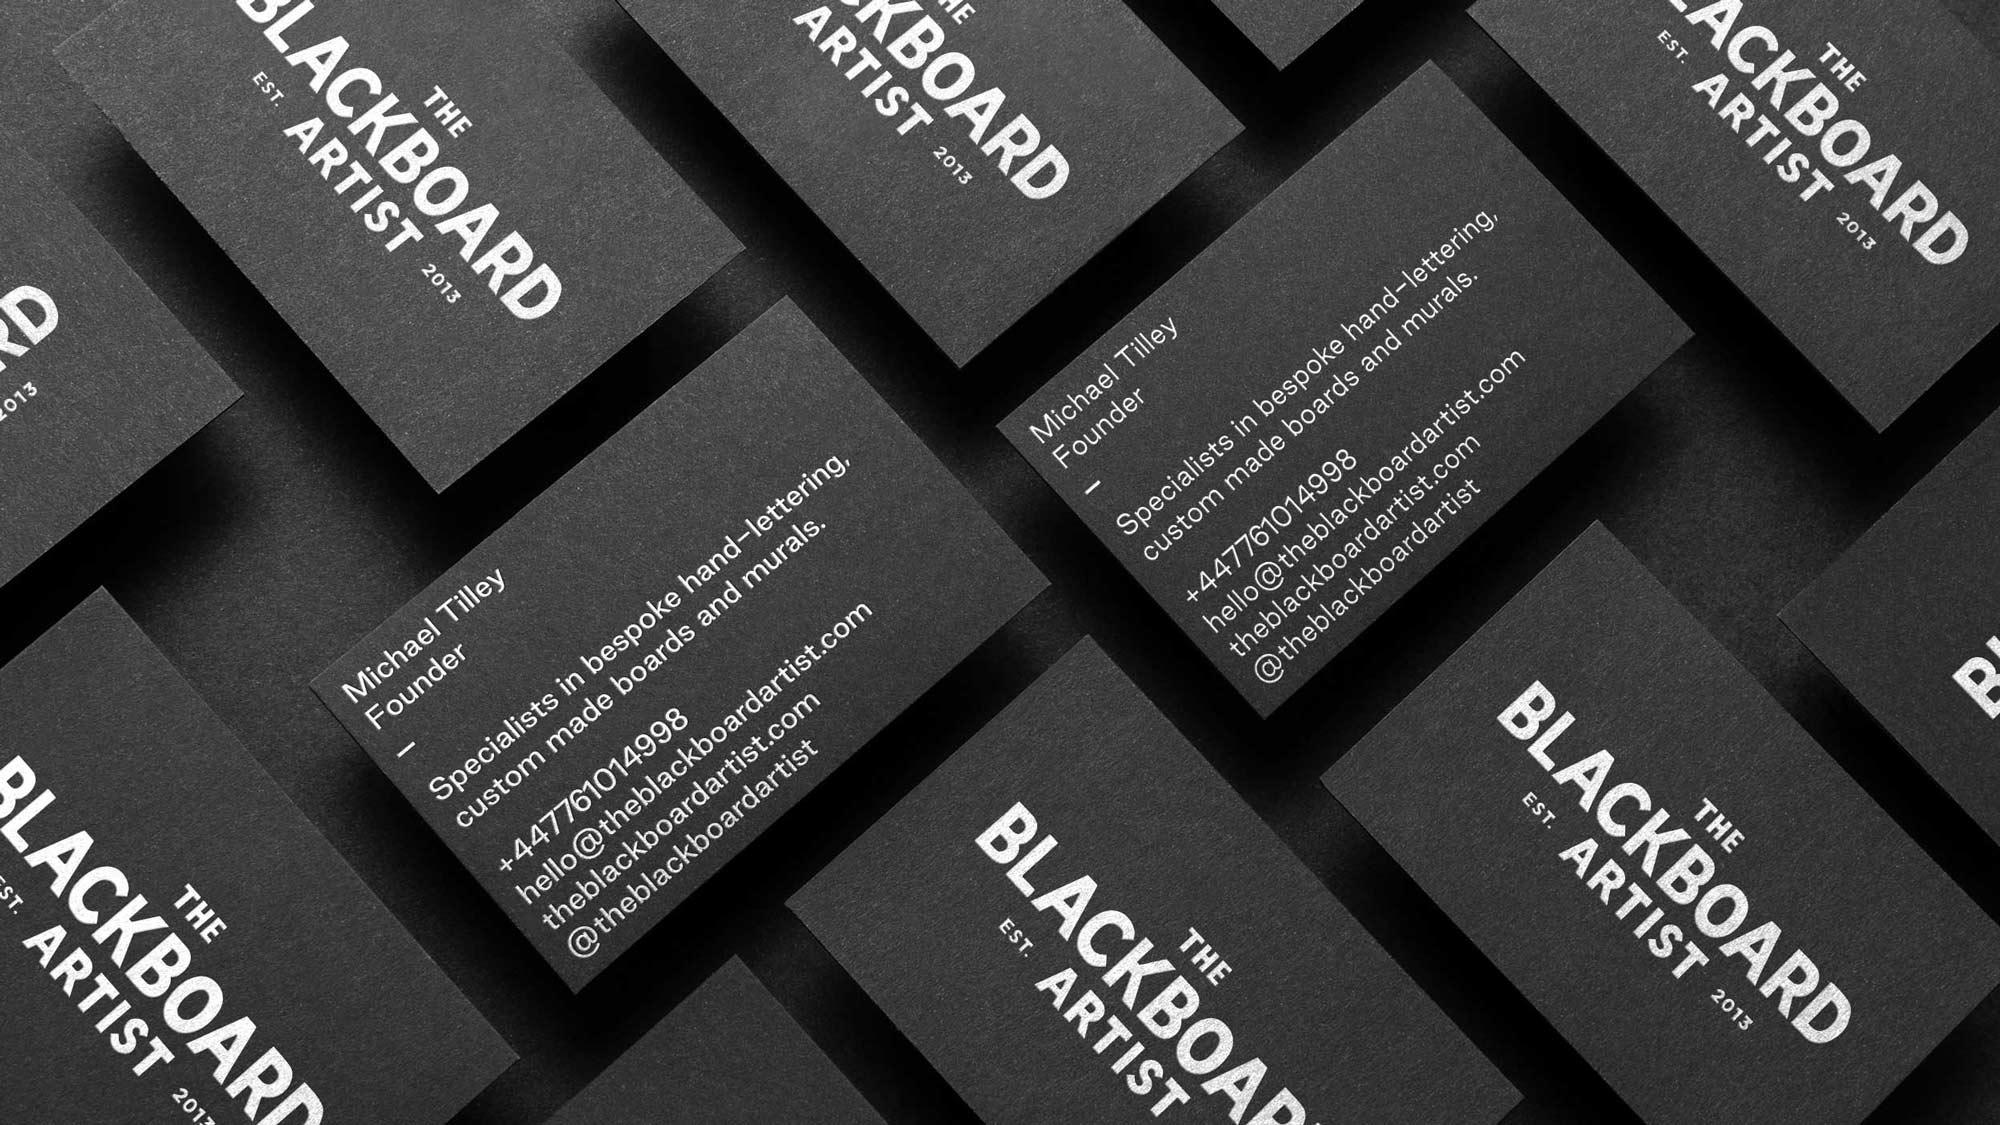 The Blackboard Artist